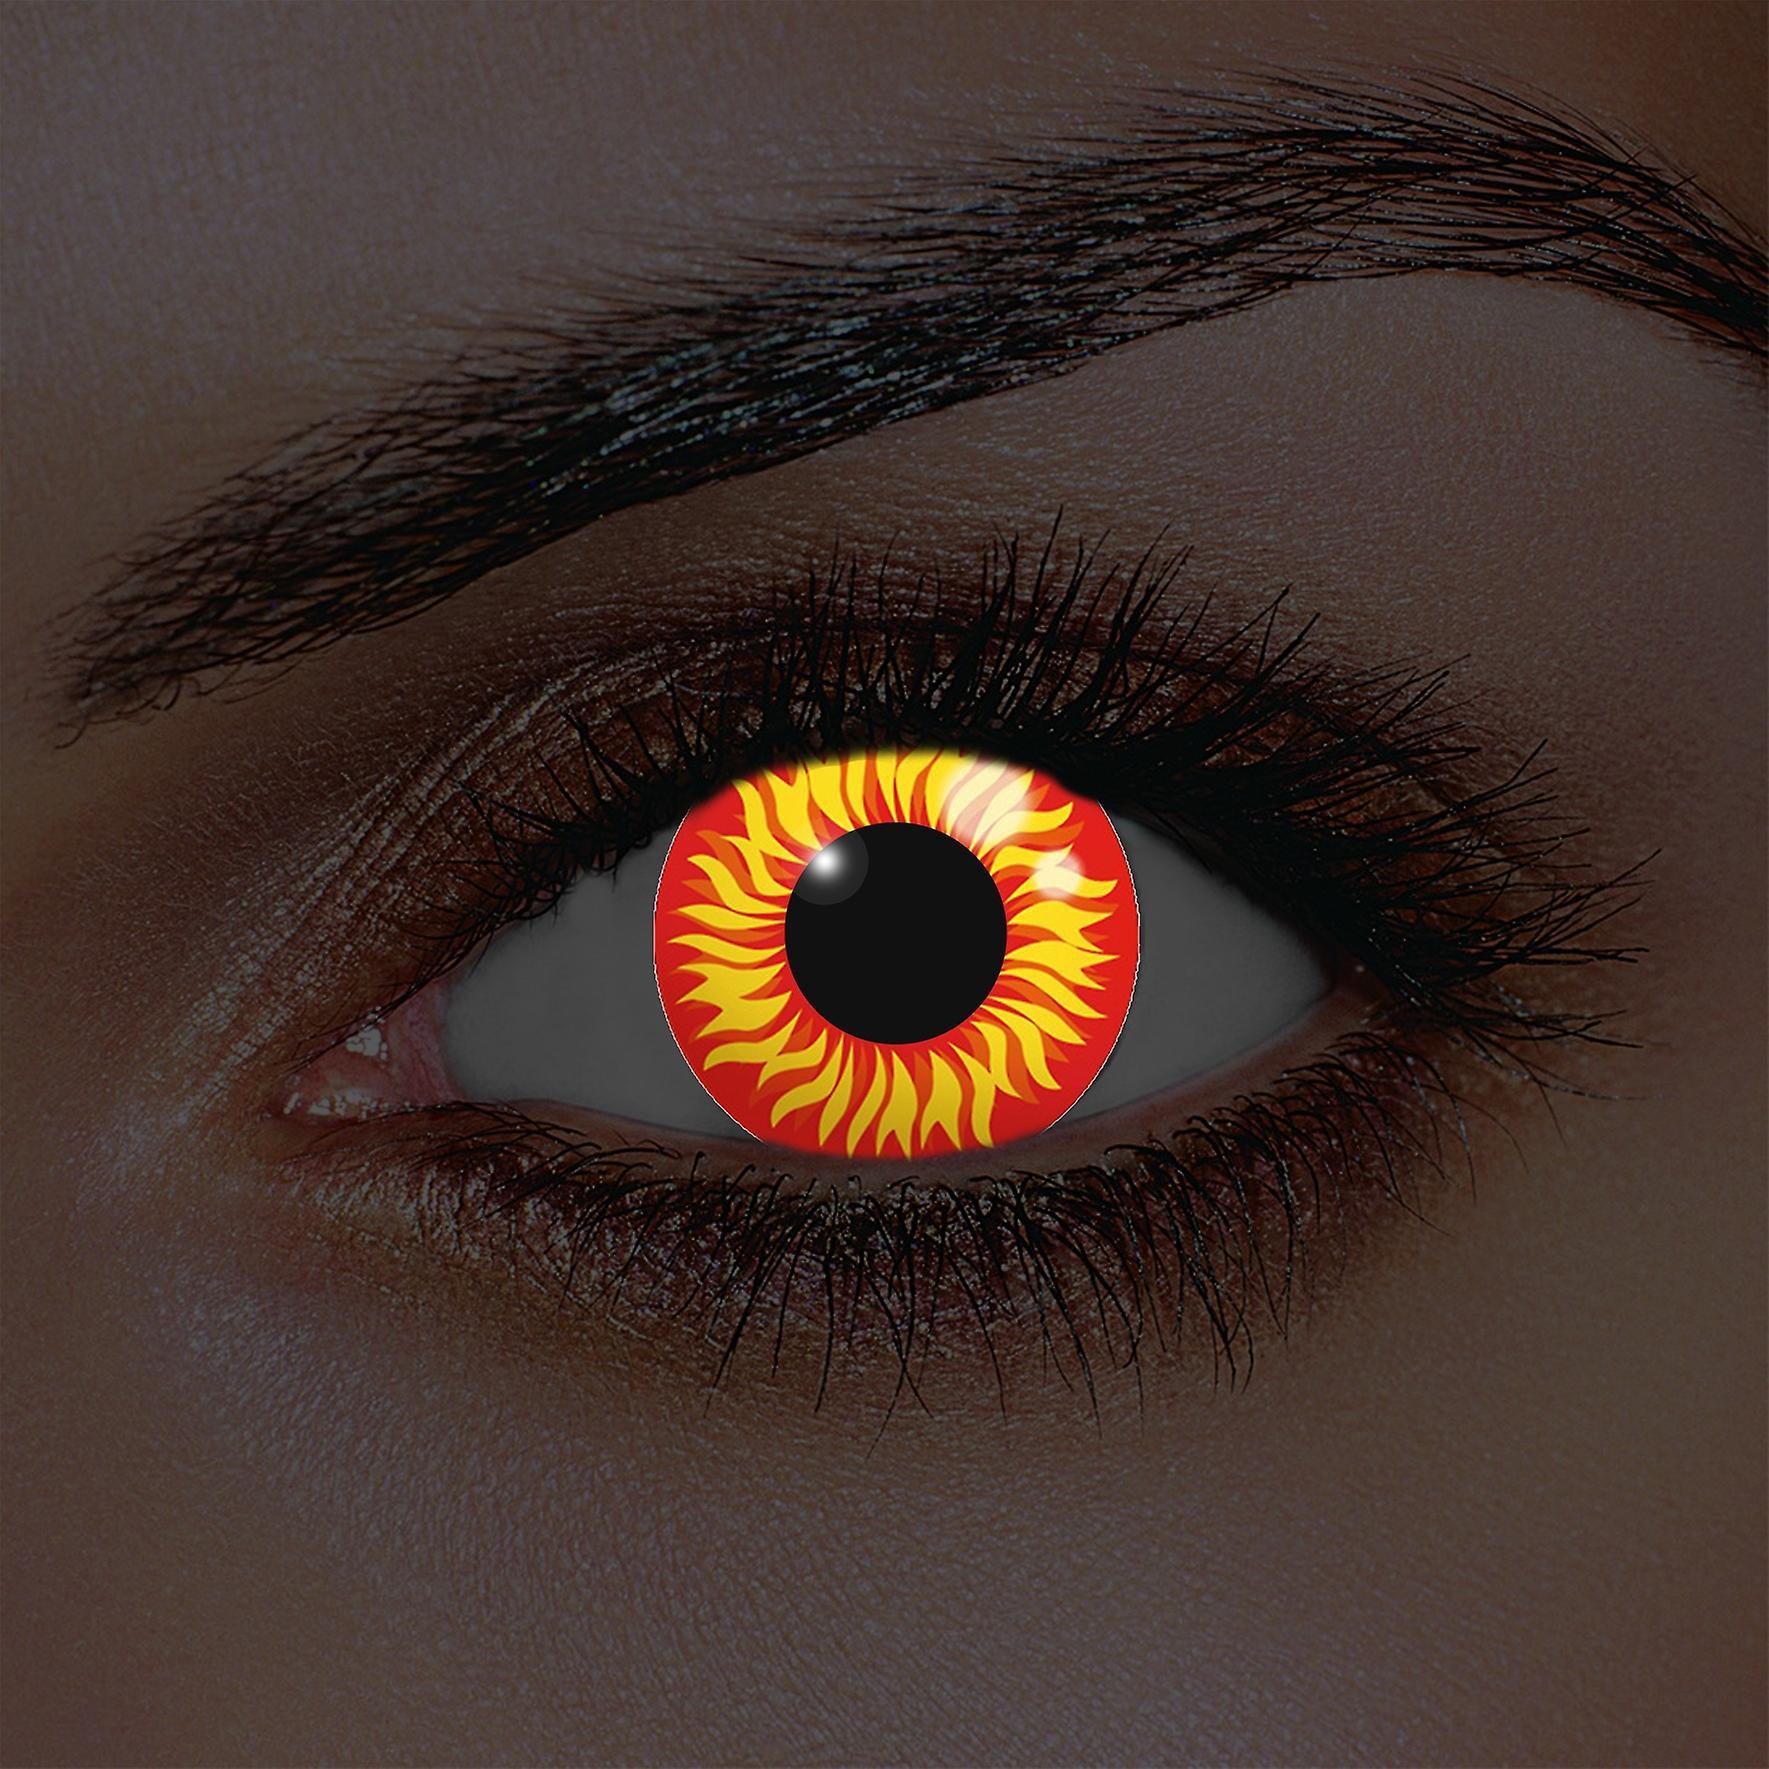 Глаза оранжевые картинки